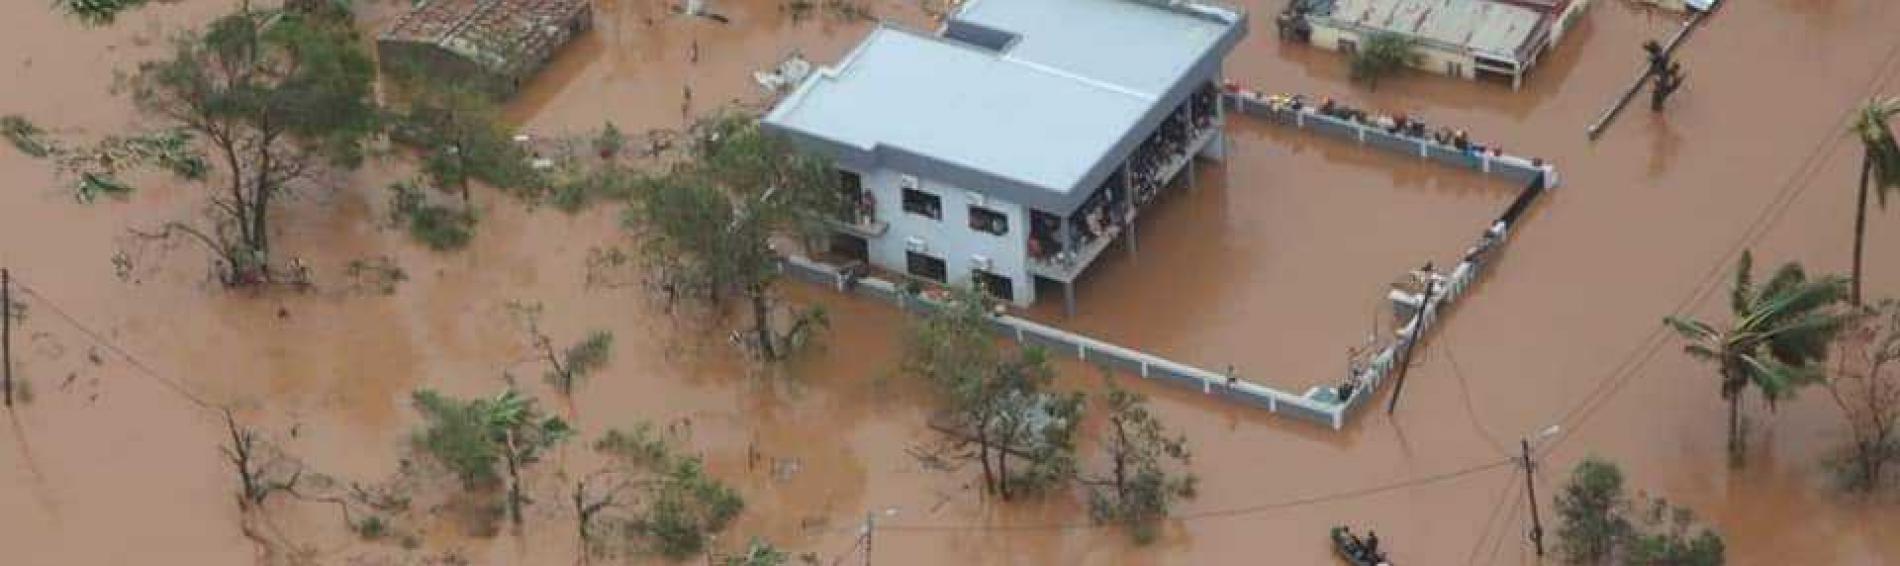 Inundaciones tras el ciclón Idai en Mozambique